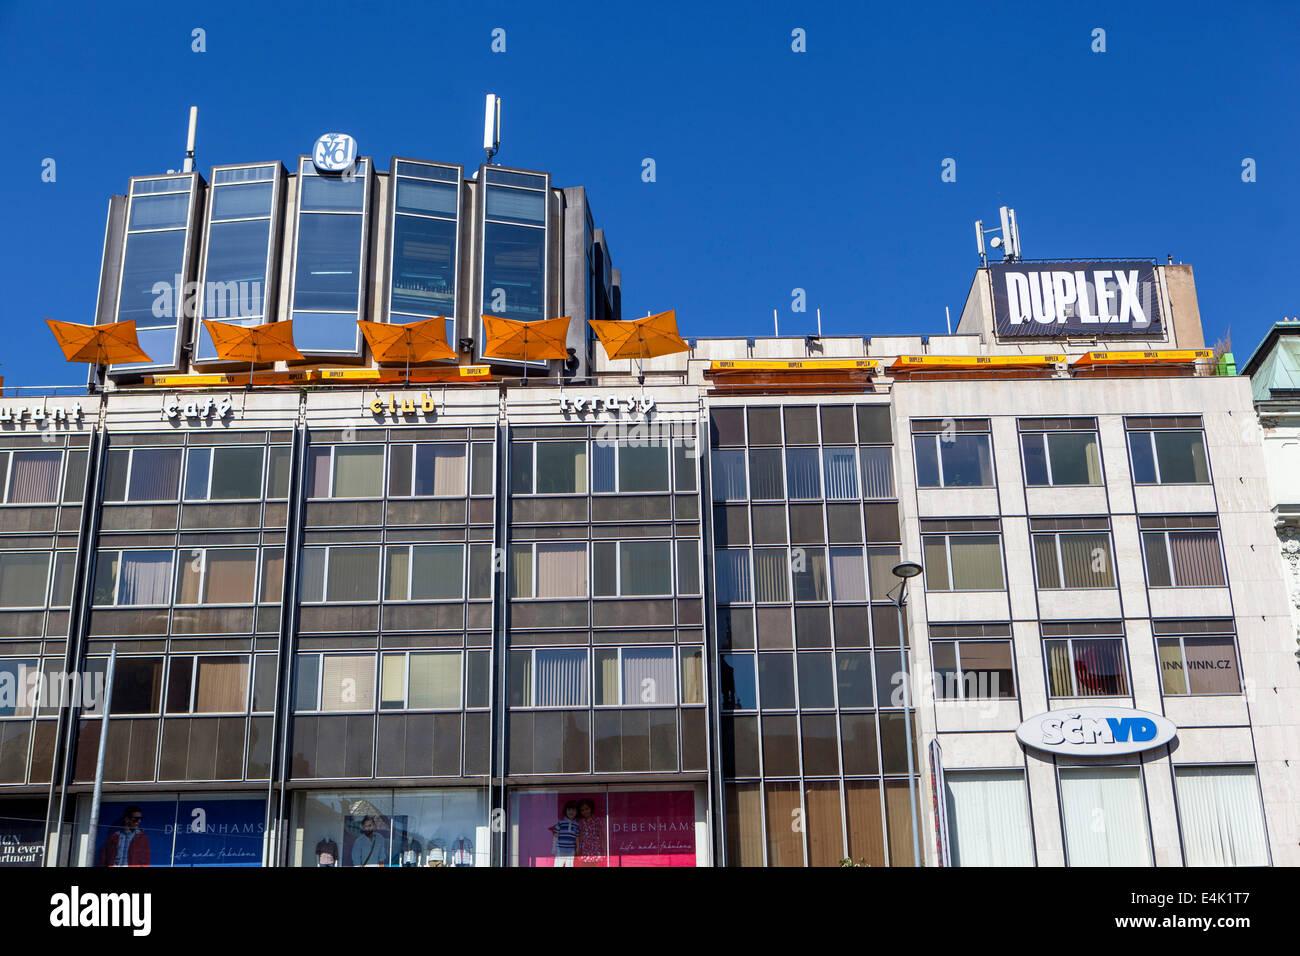 Prague Duplex Bar on the terrace of the house, Wenceslas Square, Prague Czech Republic - Stock Image